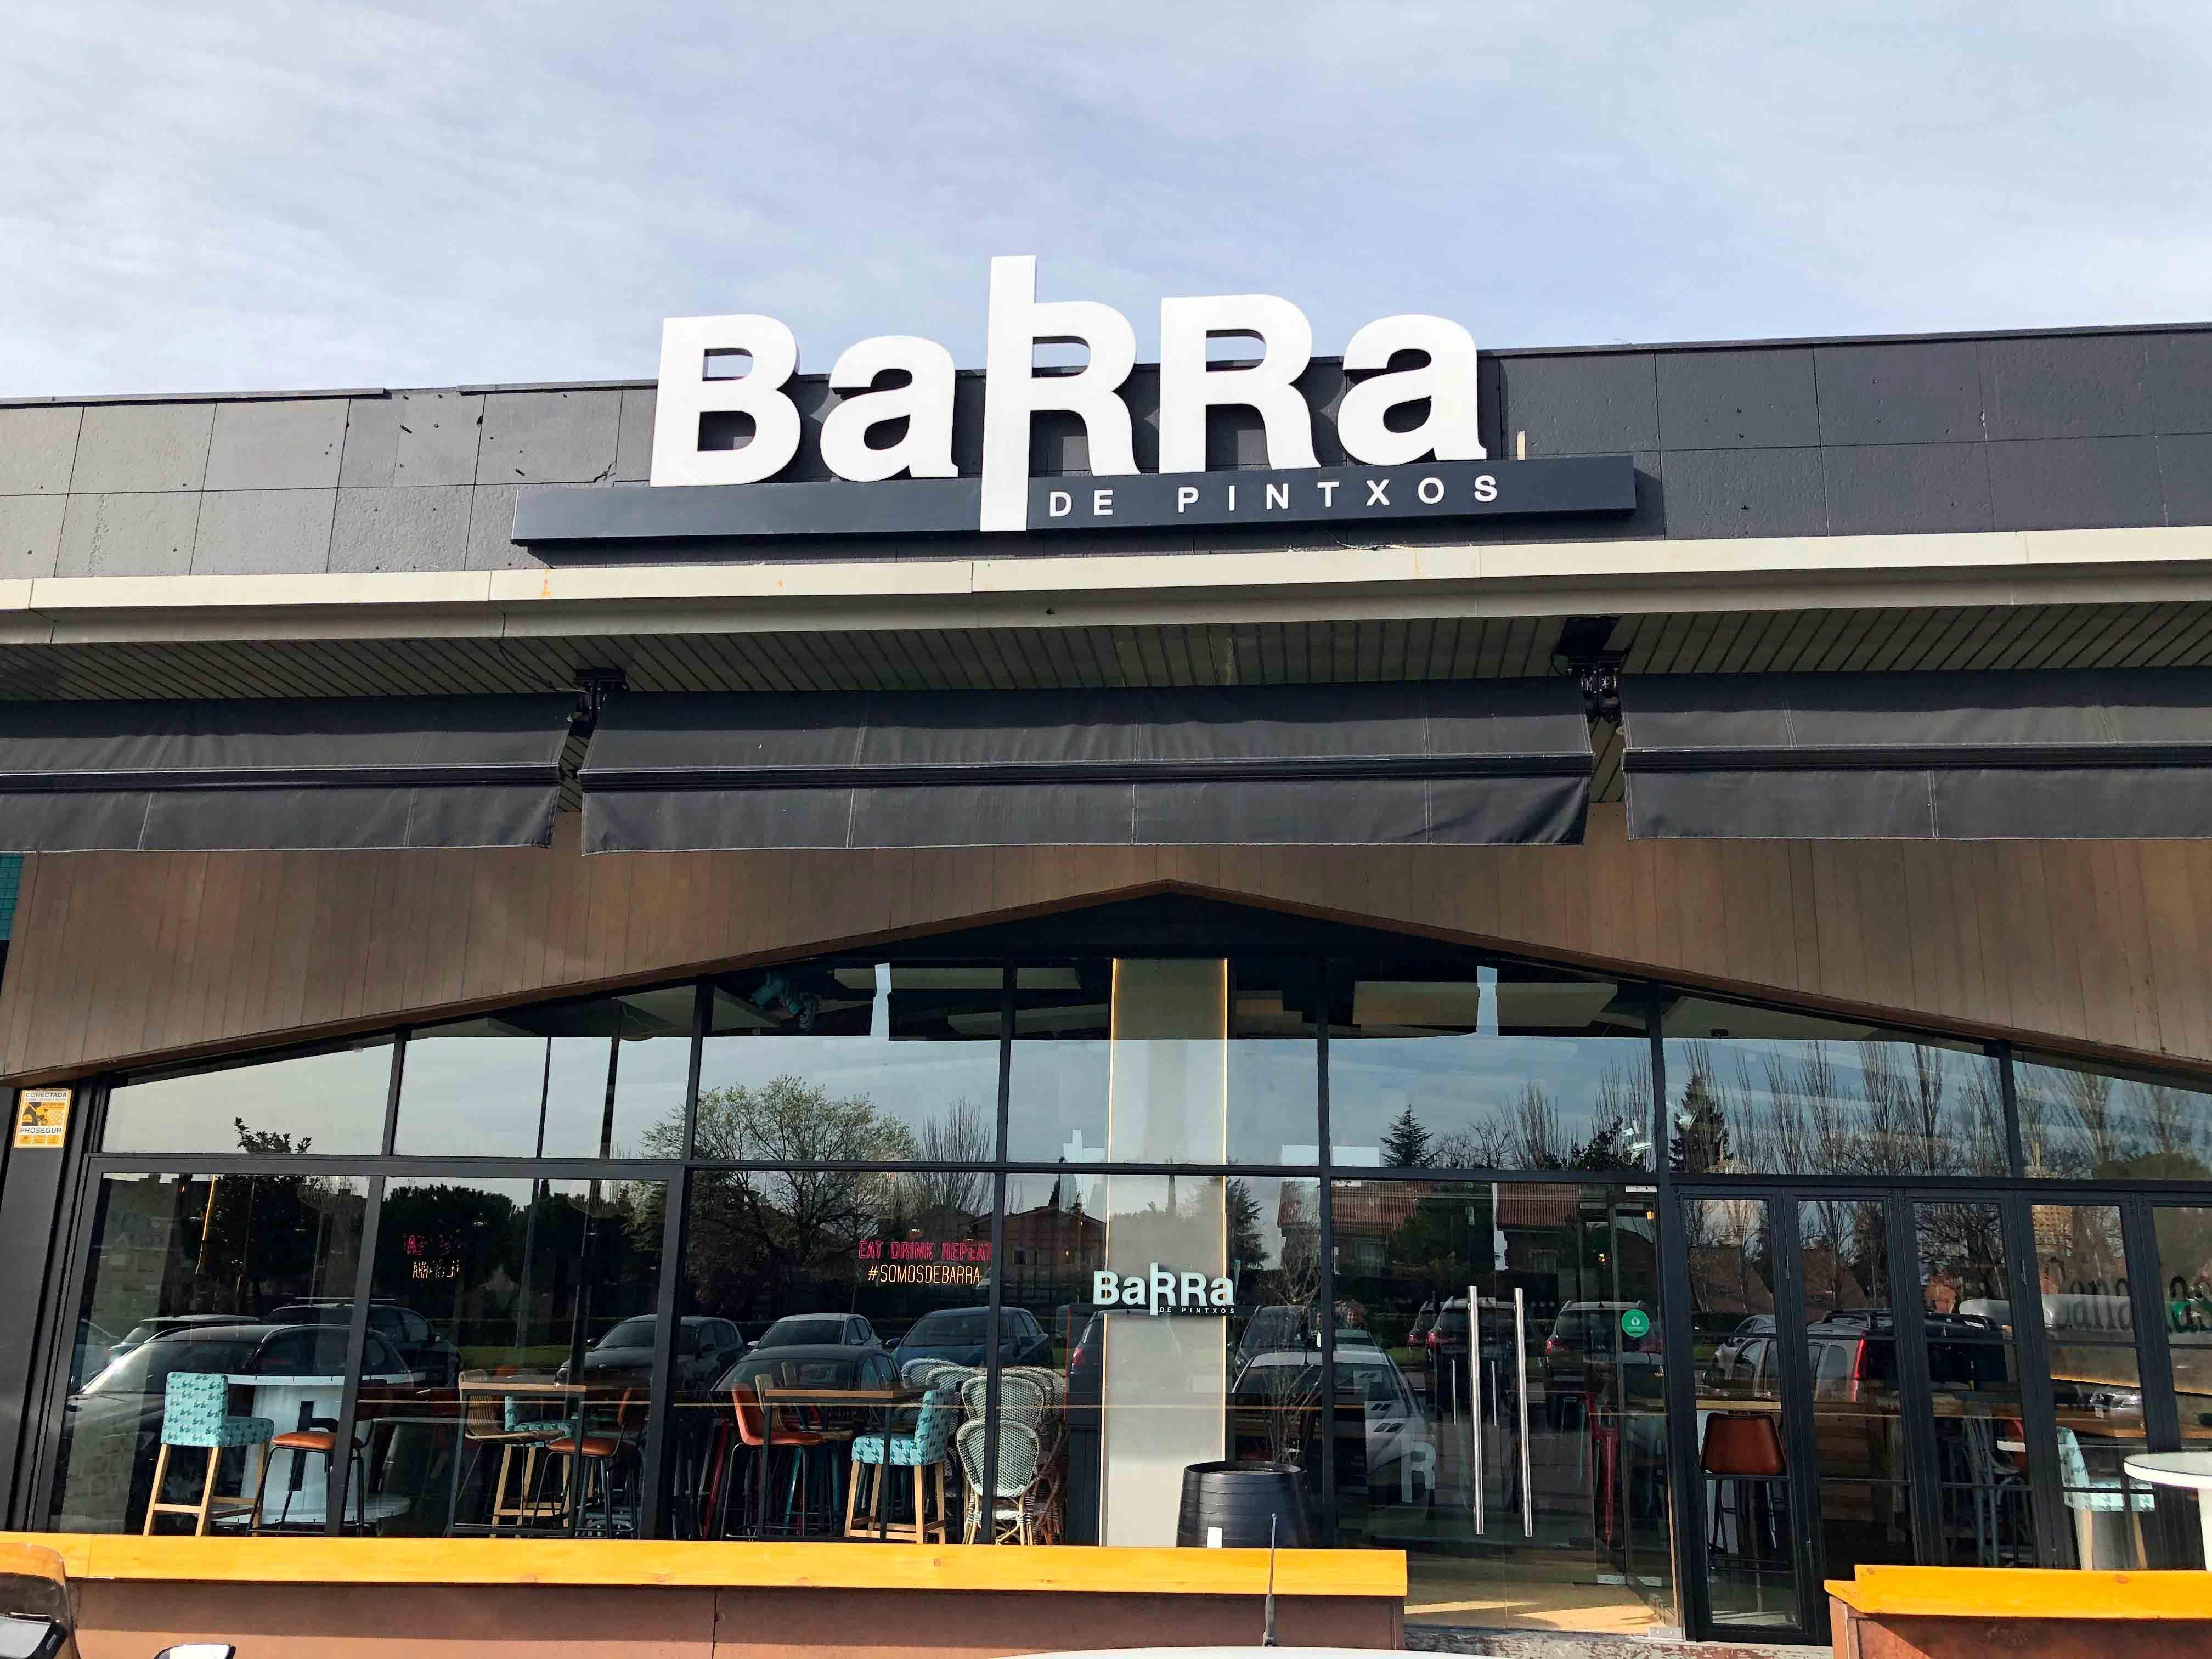 BaRRa de Pintxos inaugura otro nuevo establecimiento en una de las mejores zonas de Majadahonda